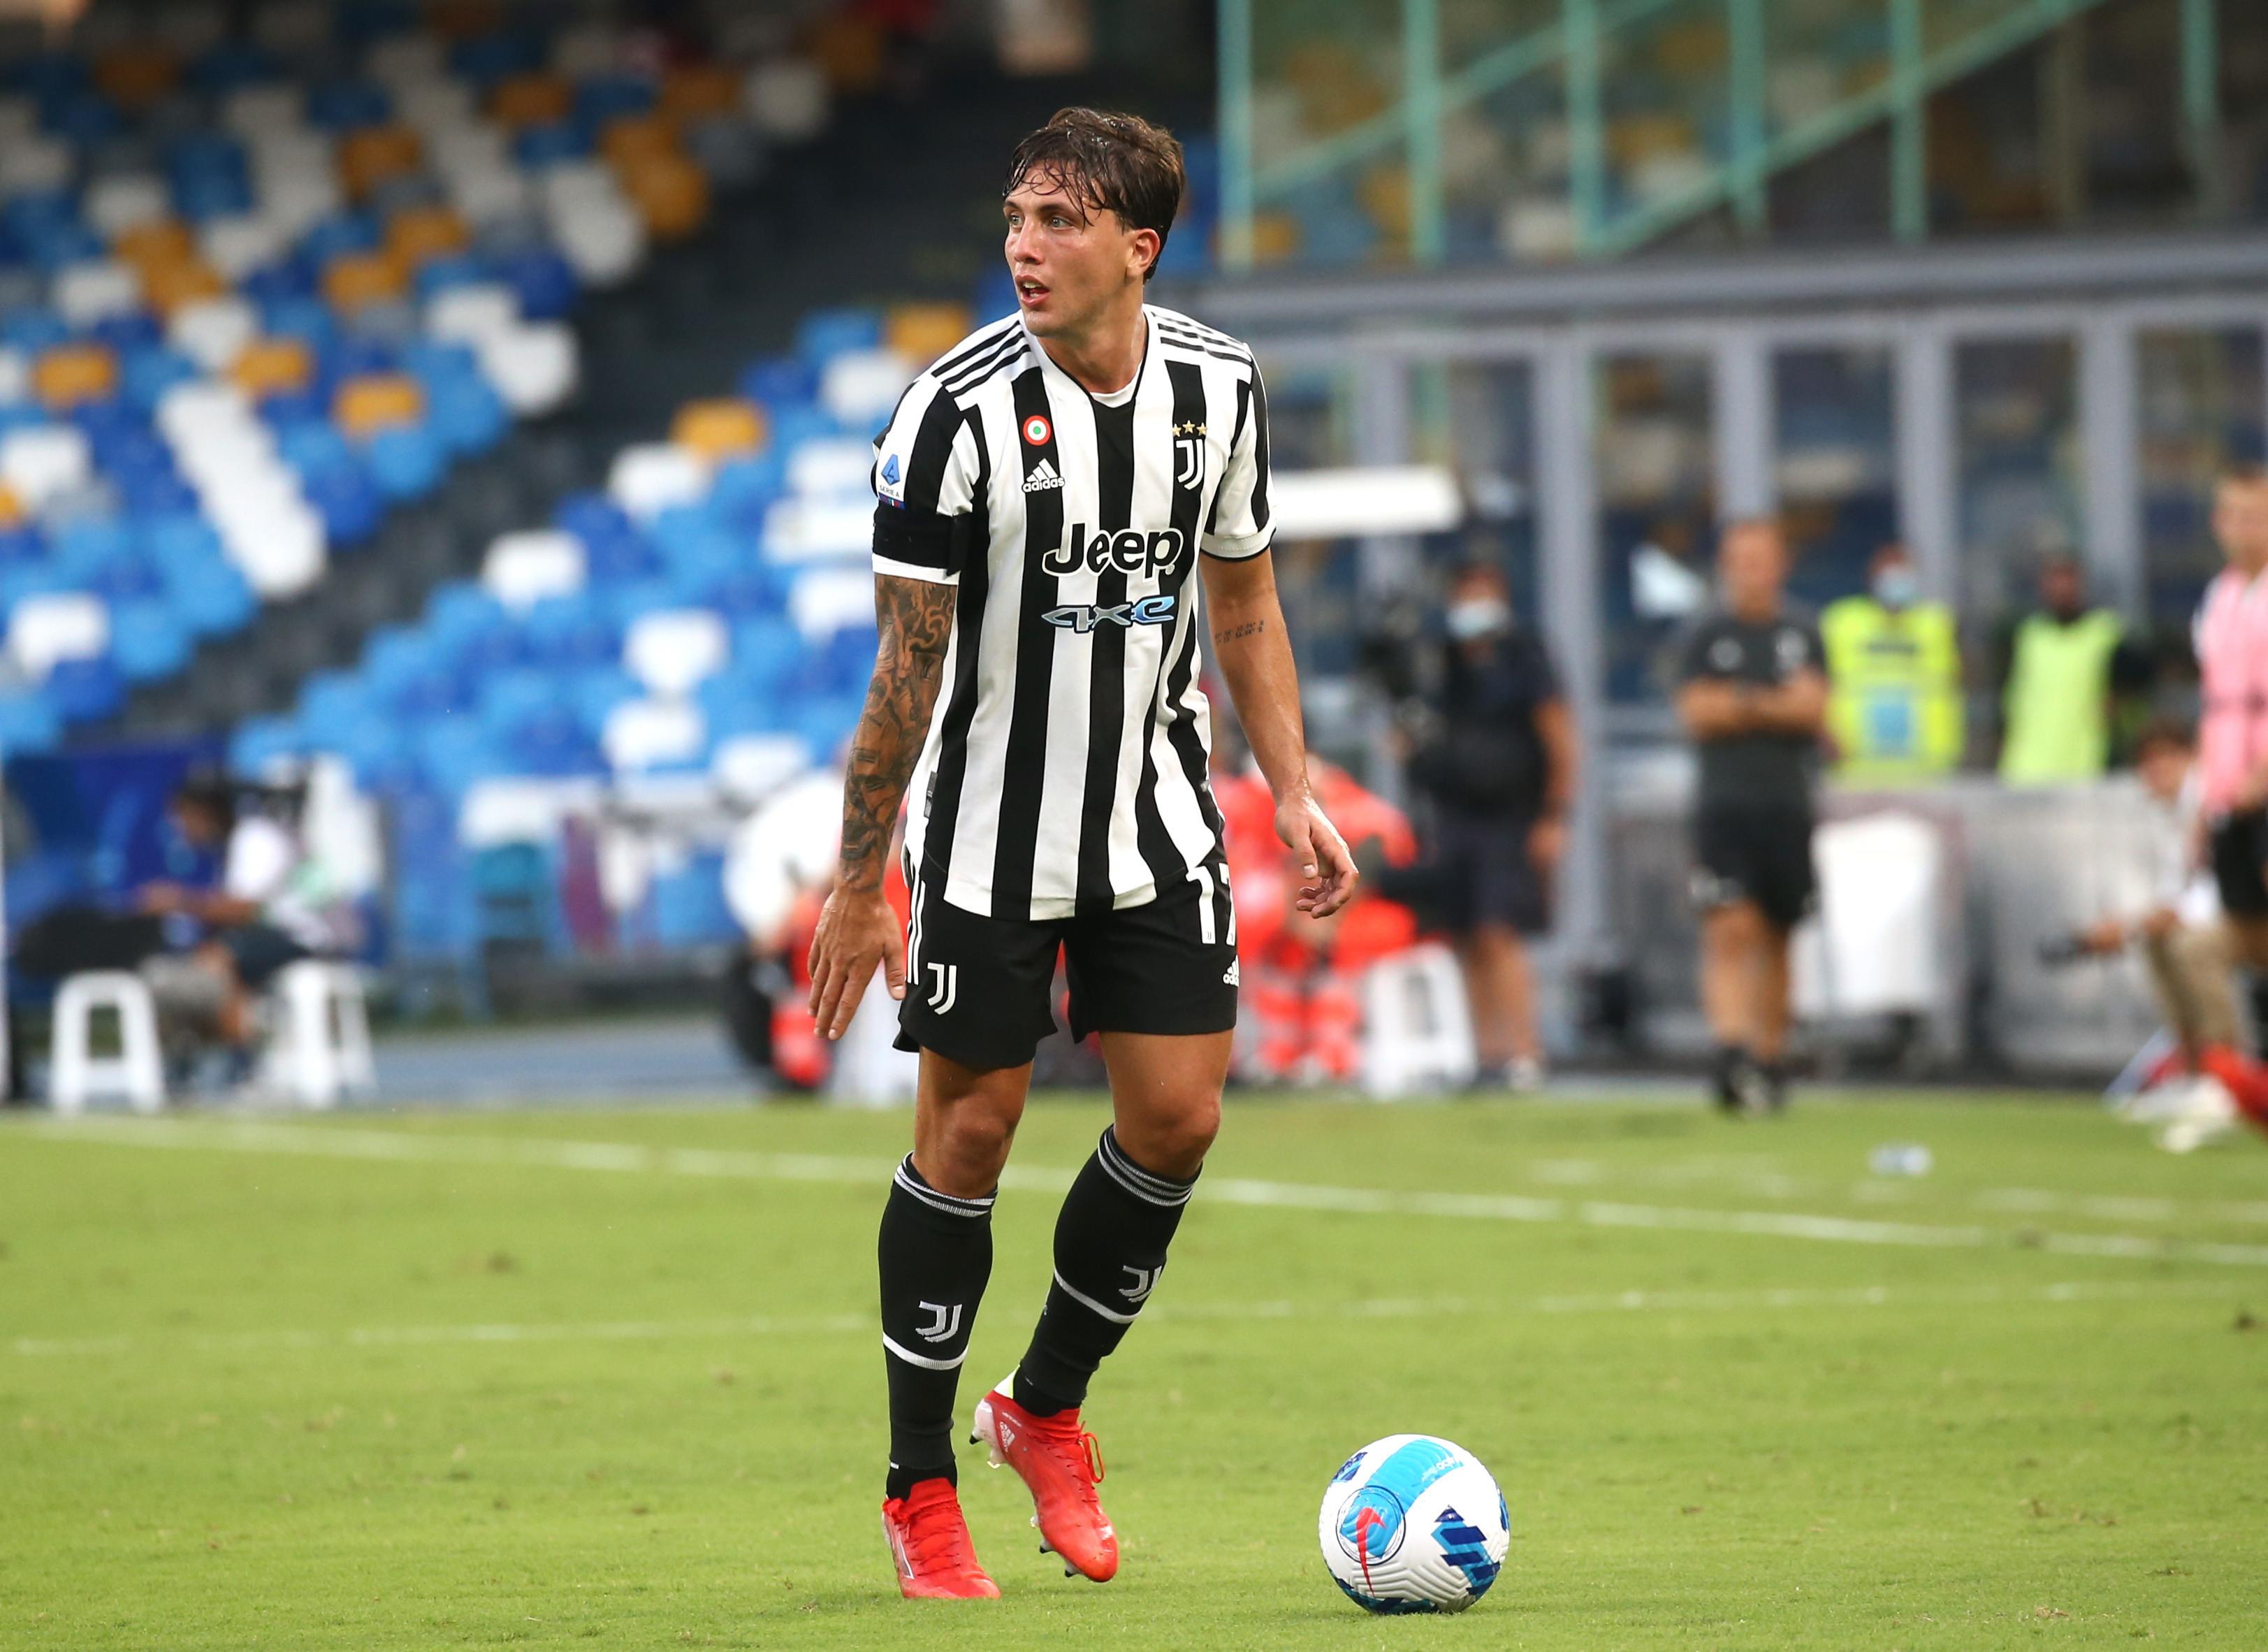 Luca Pellegrini (2018-19 Roma, 2021- Juventus)